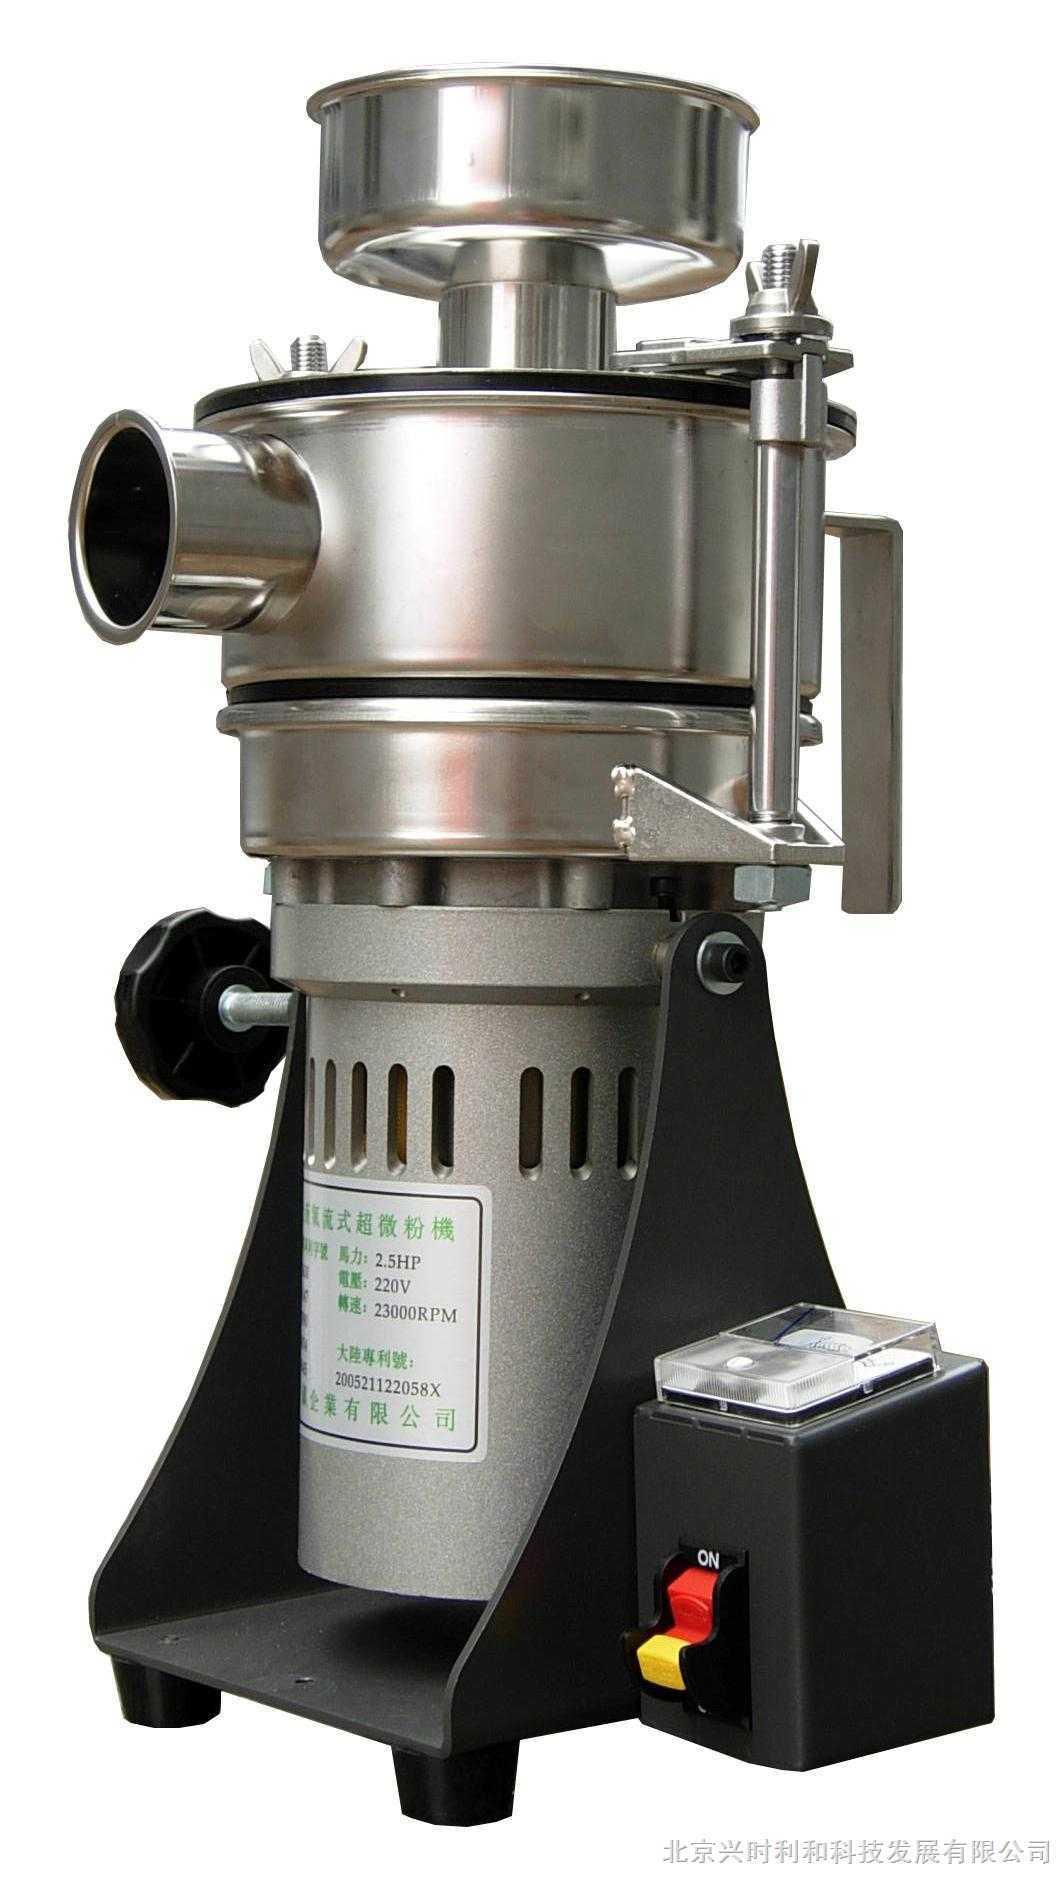 实验用超微粉碎机 小型超微粉碎机 气流式粉碎机 北京粉碎机